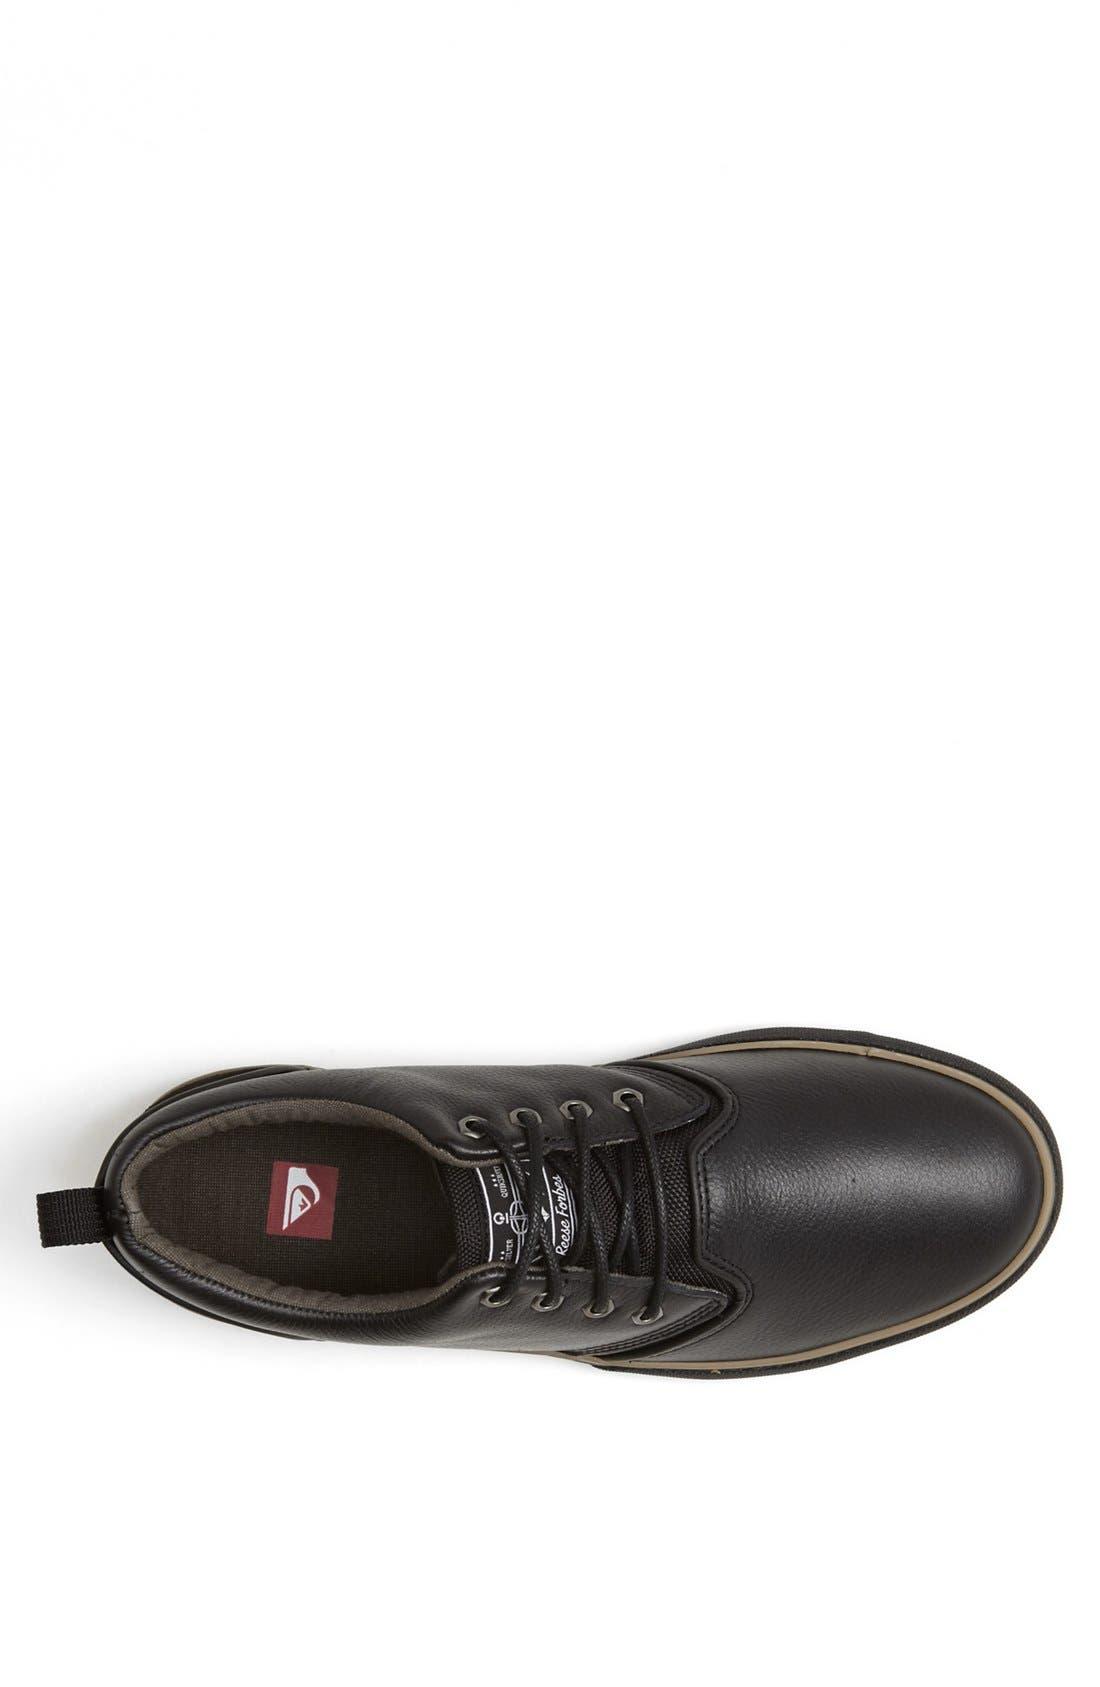 Alternate Image 3  - Quiksilver 'RF1 Low Premium' Sneaker (Men)